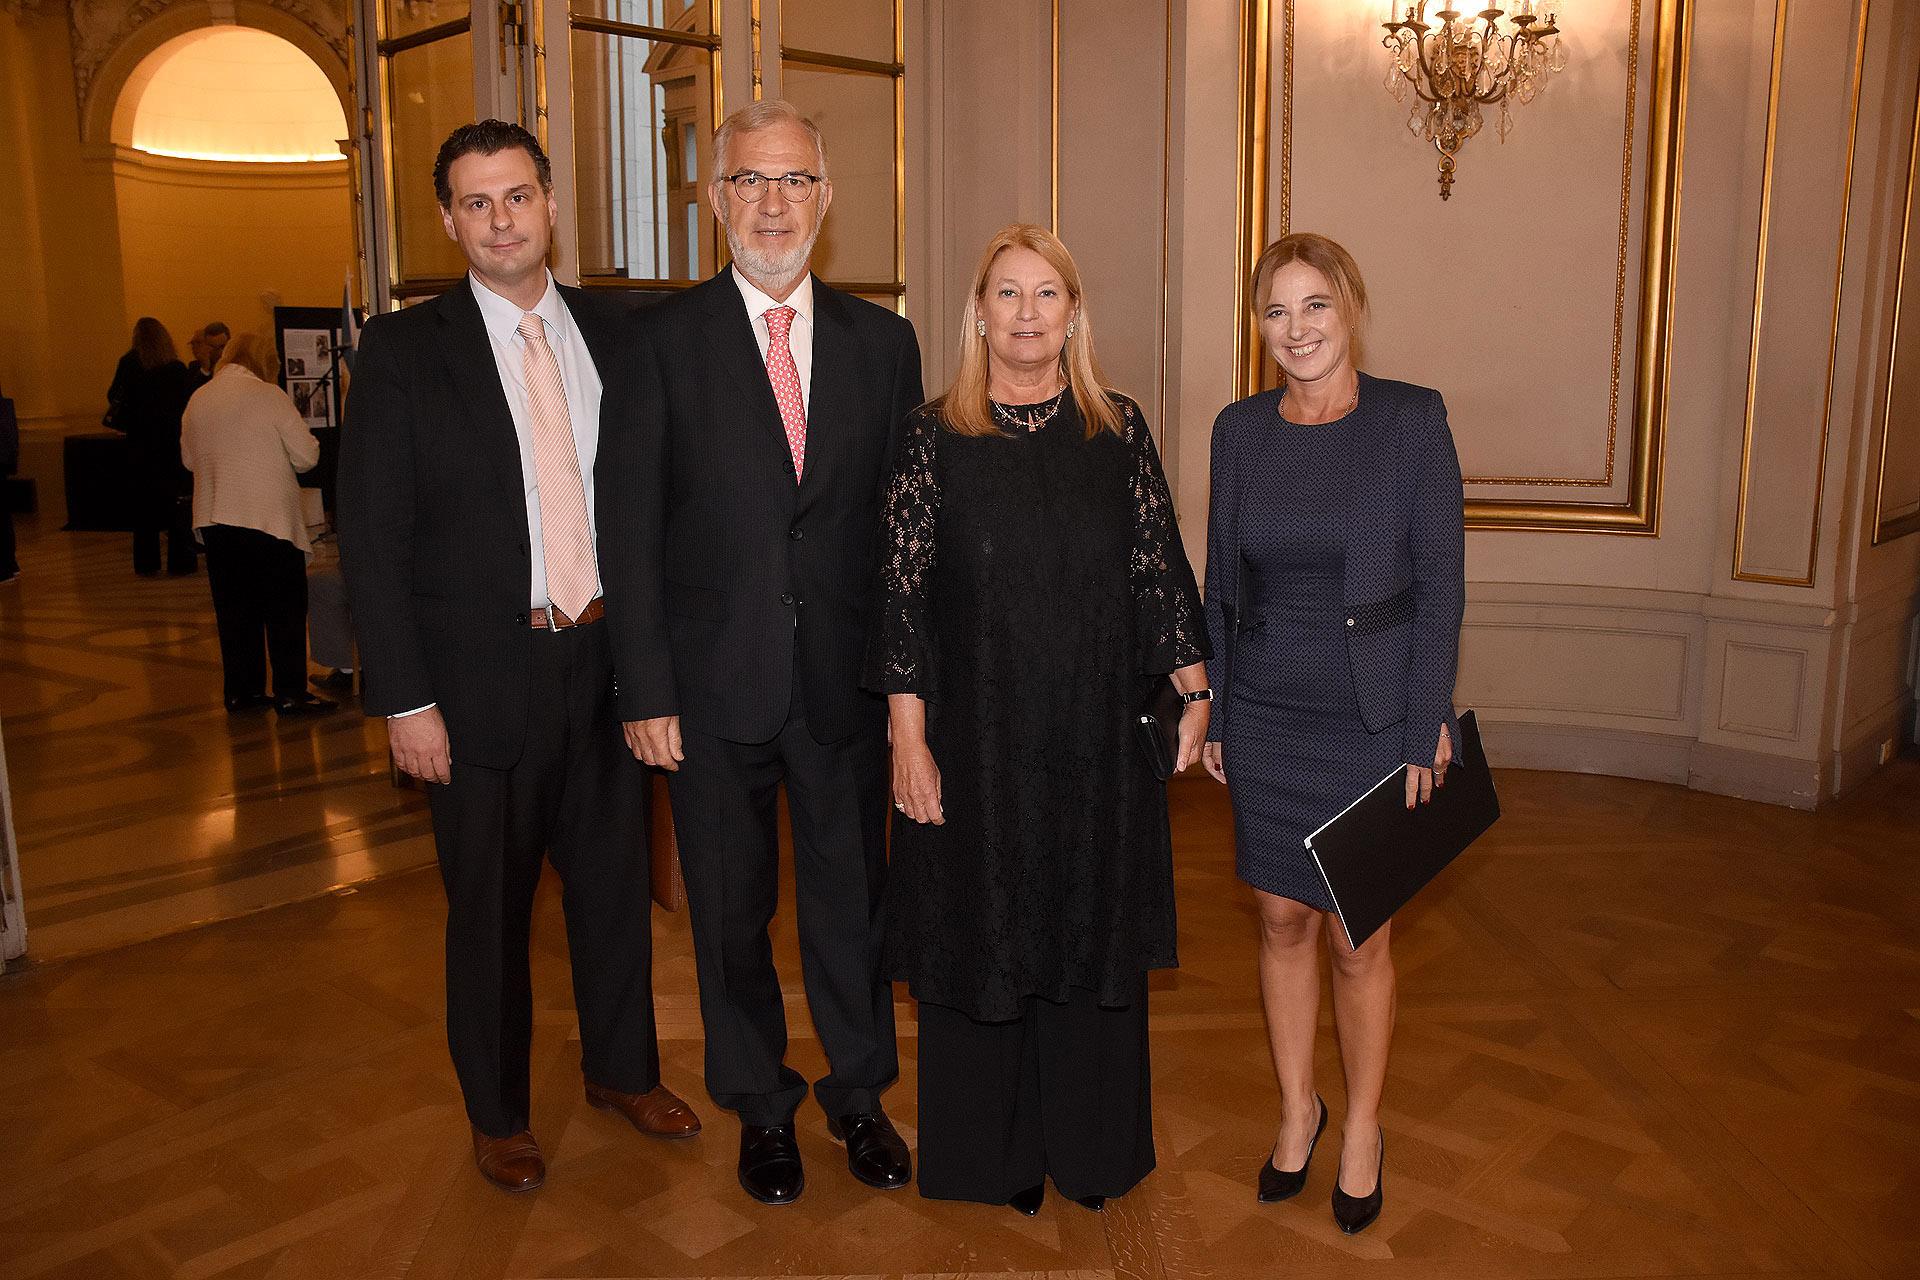 Sergio Eloy Domínguez junto a Guillermo Ambrogi, vicepresidente de la Fundación Teatro Colón; María Taquini de Blaquier, presidente de la Fundación Teatro Colón; y la diputada Carolina Estebarena